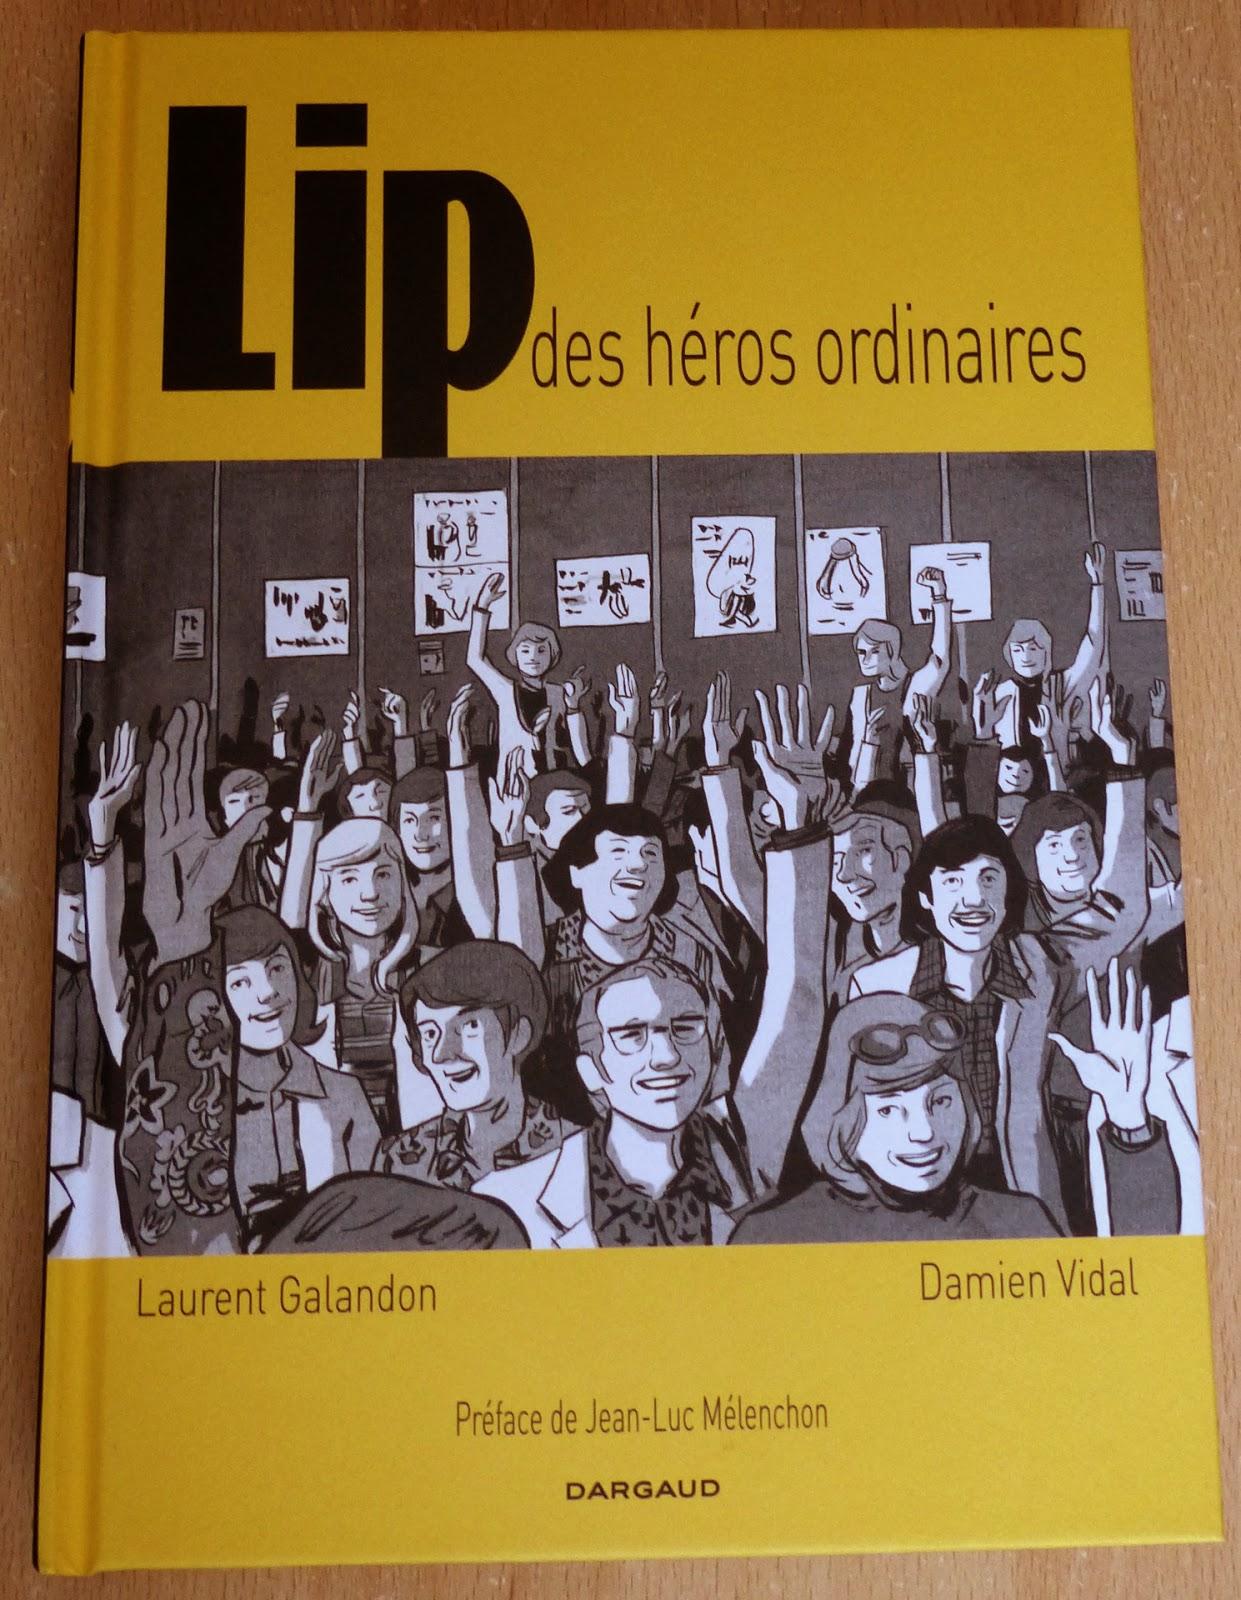 bande dessinée Lip des héros ordinaires